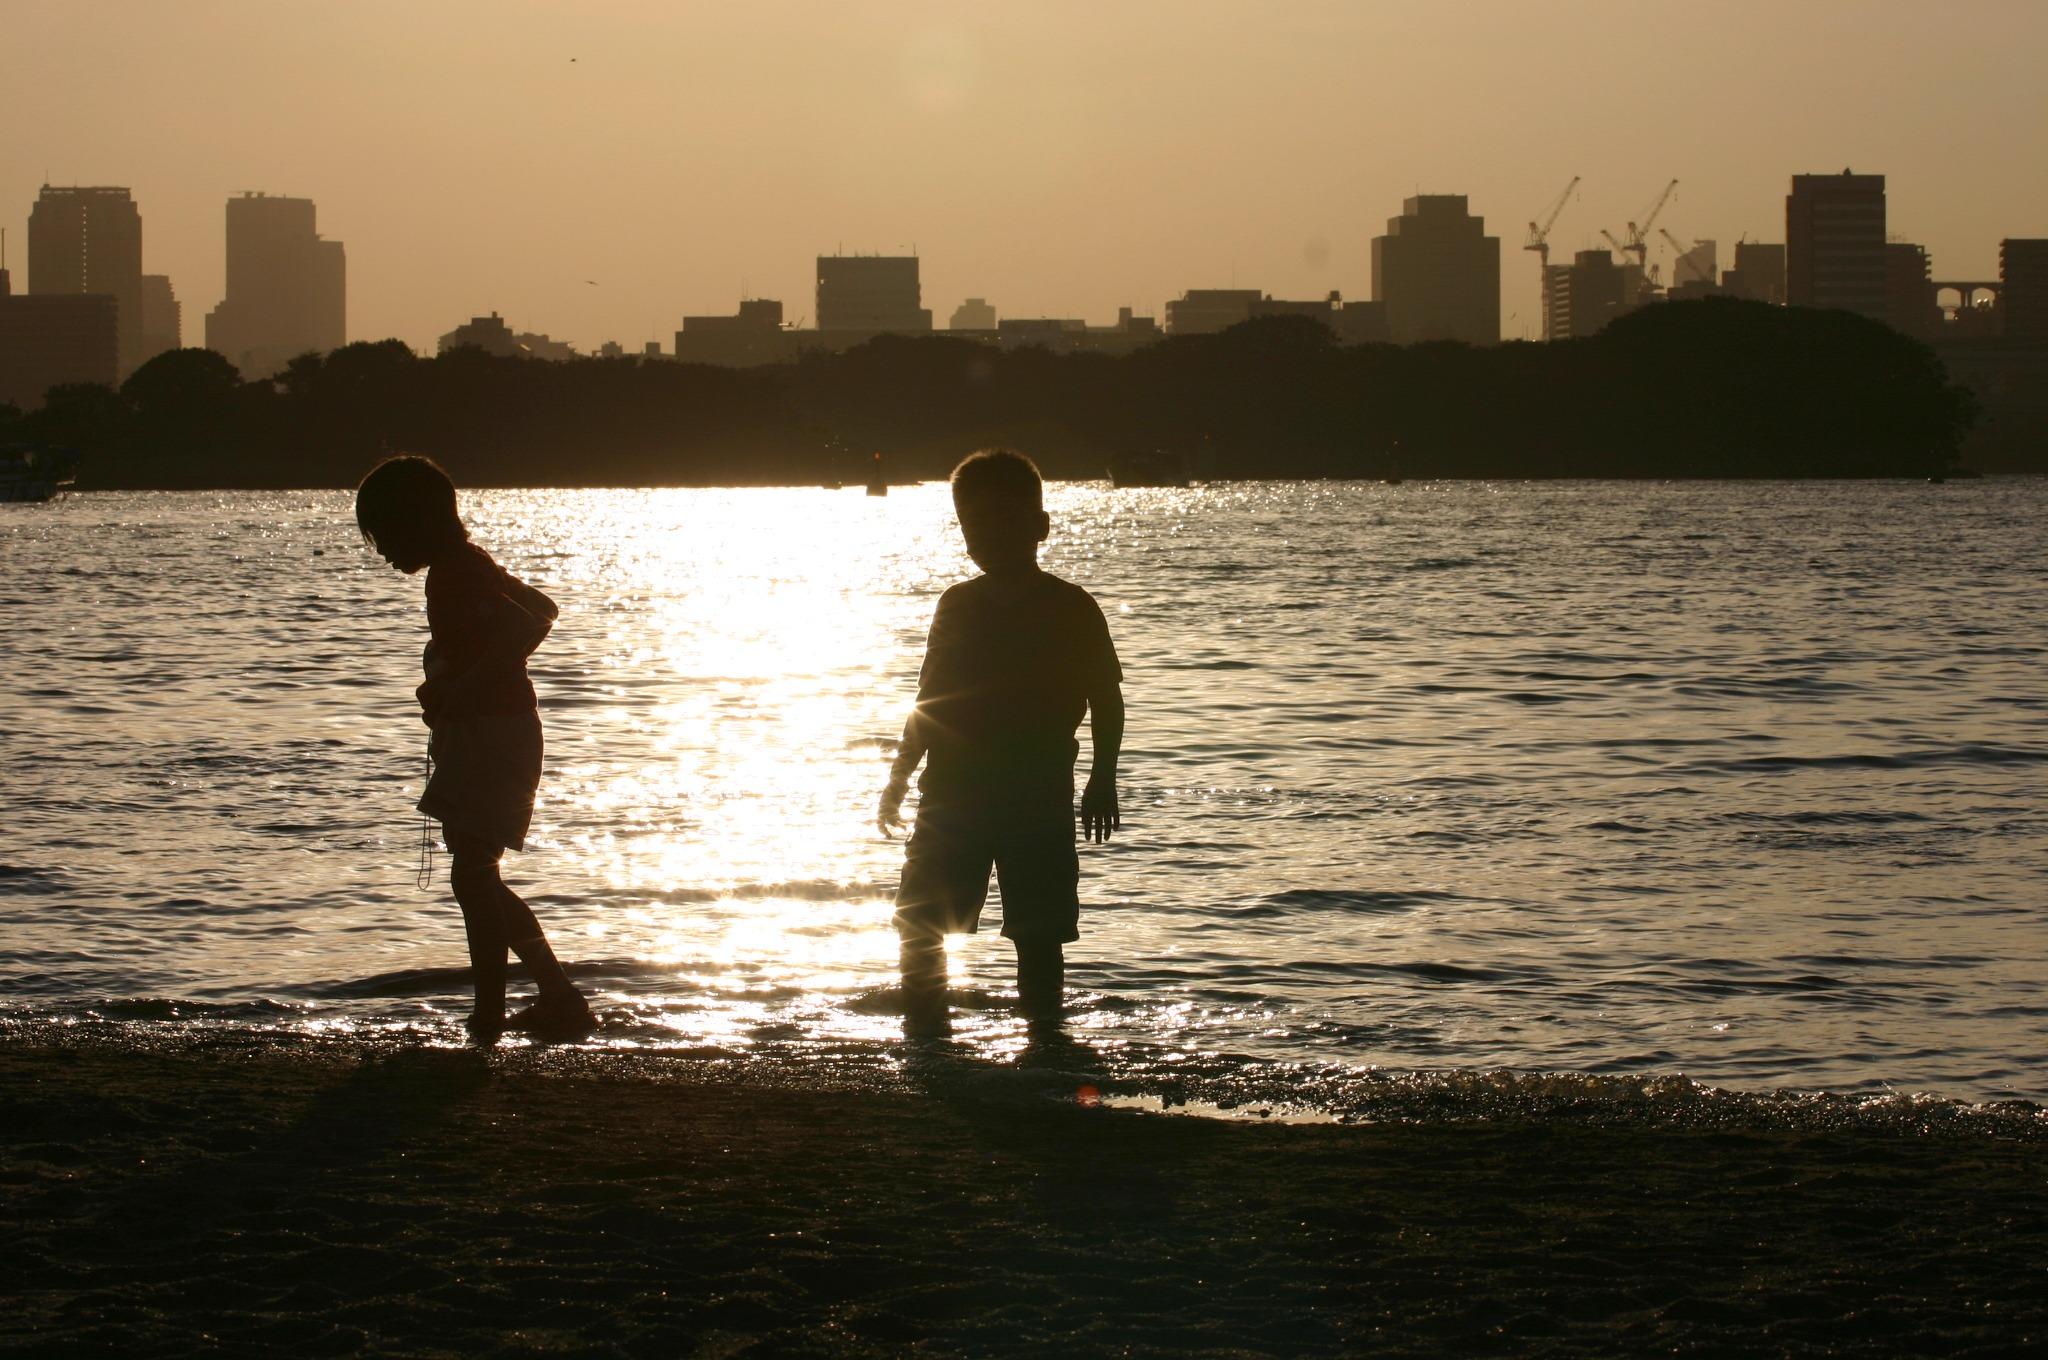 波打ち際で遊ぶ子供